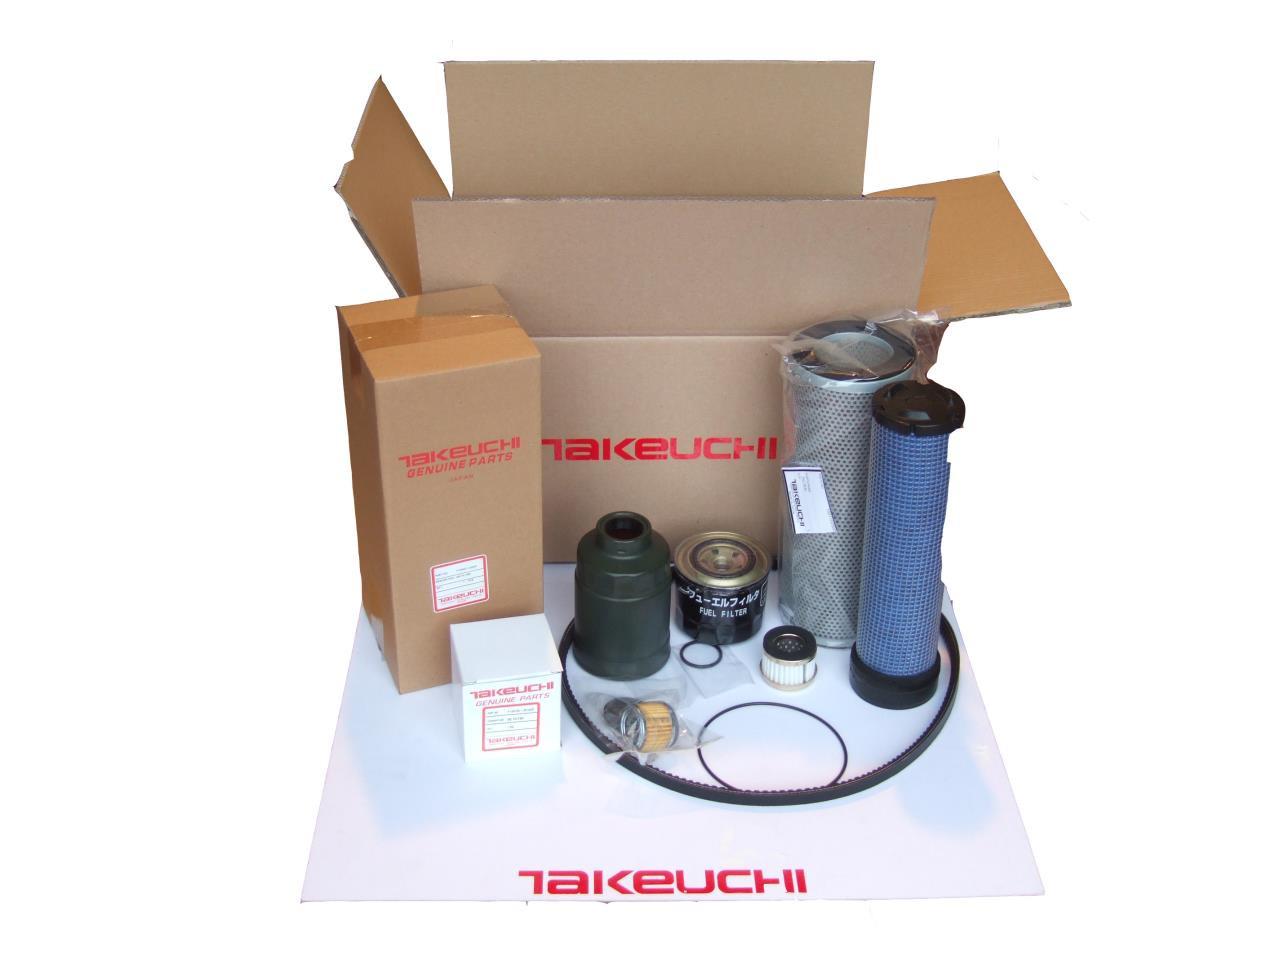 Takeuchi TB23R filtersæt